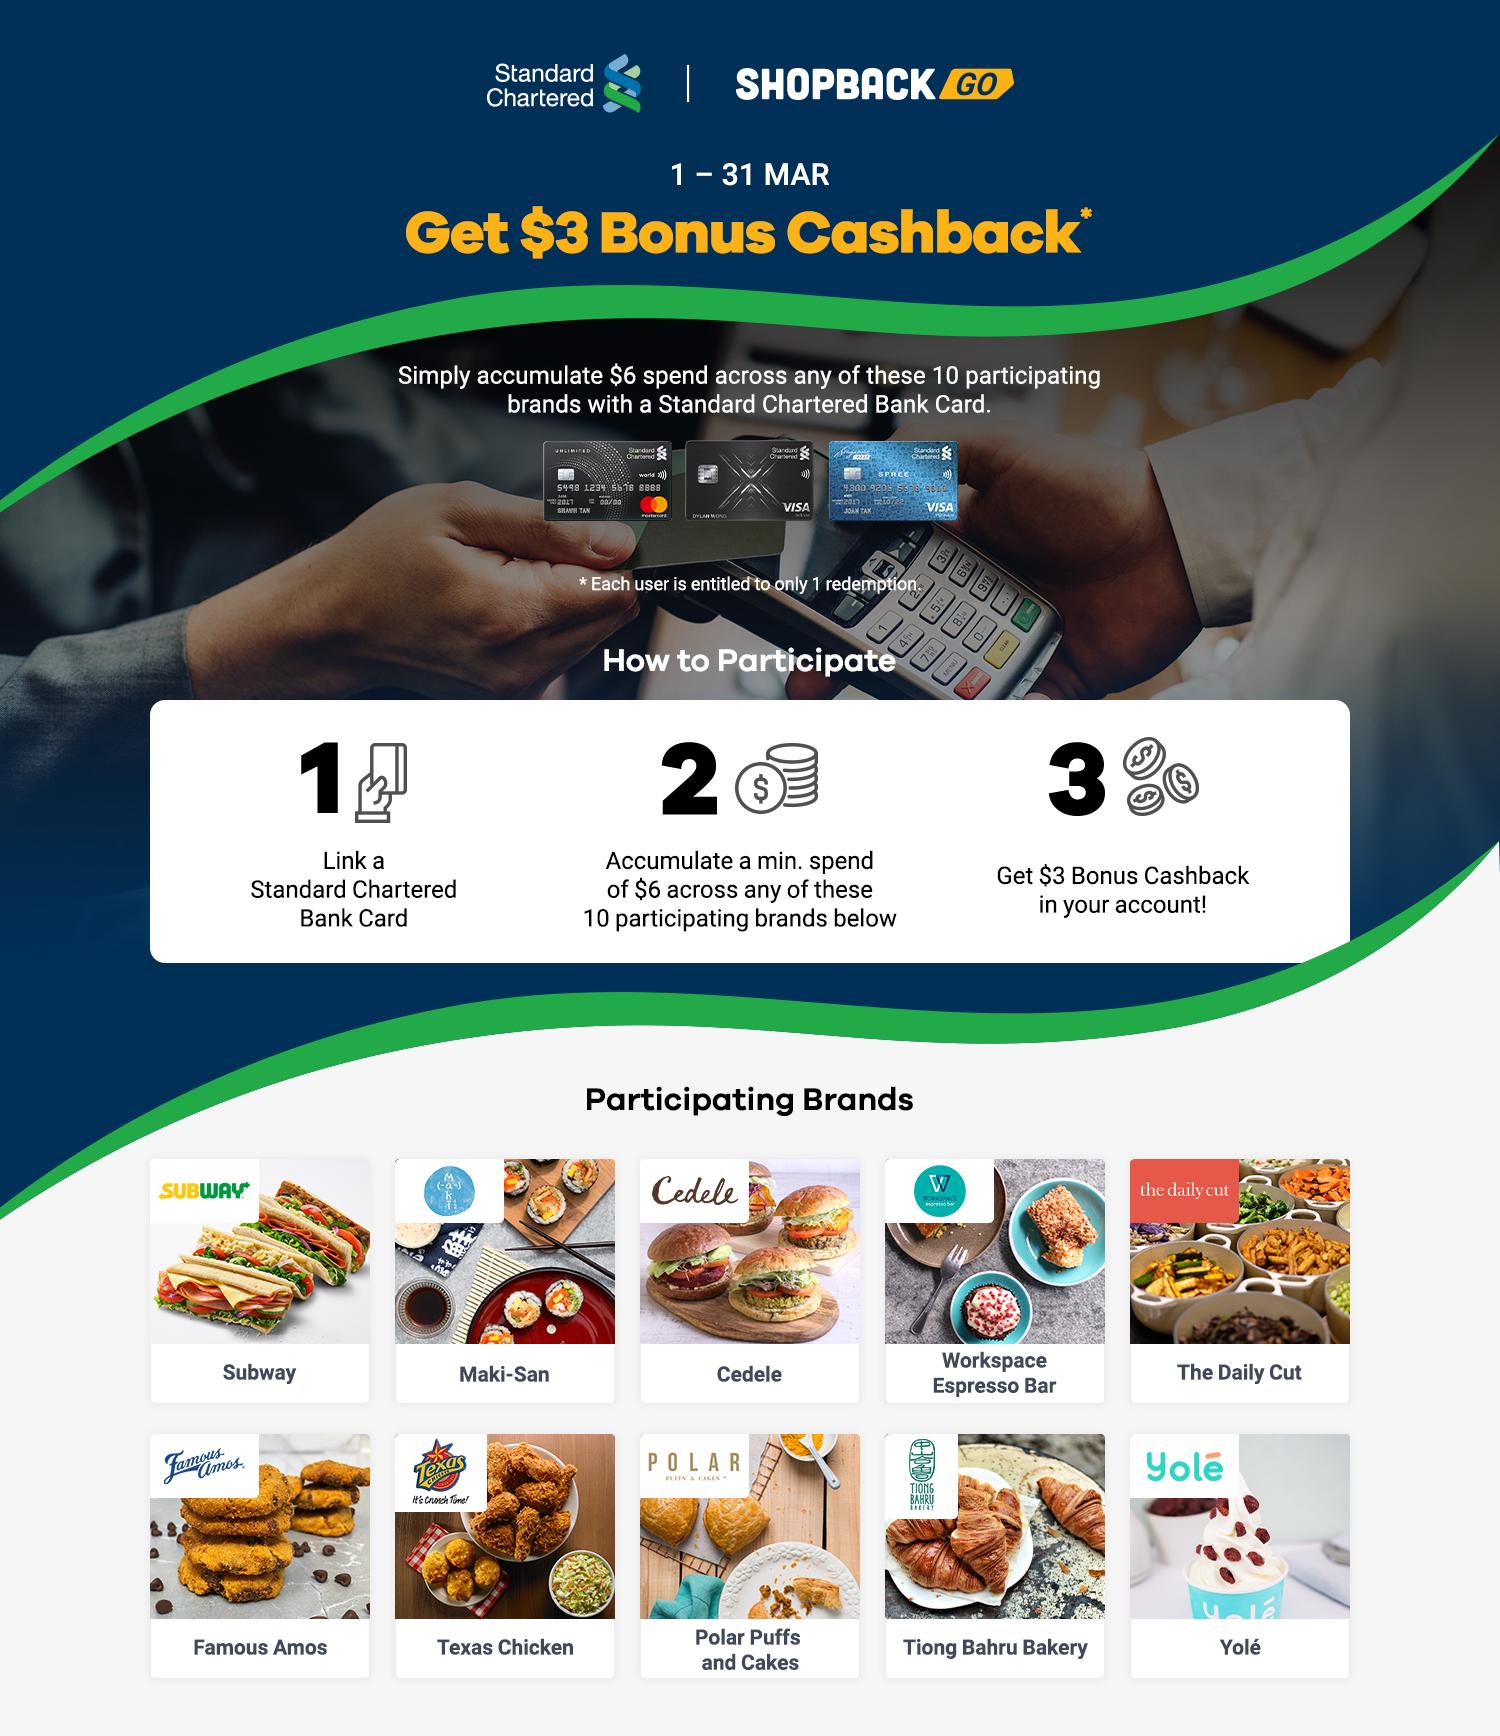 Get $3 Bonus Cashback with your Standard Chartered Bank Card